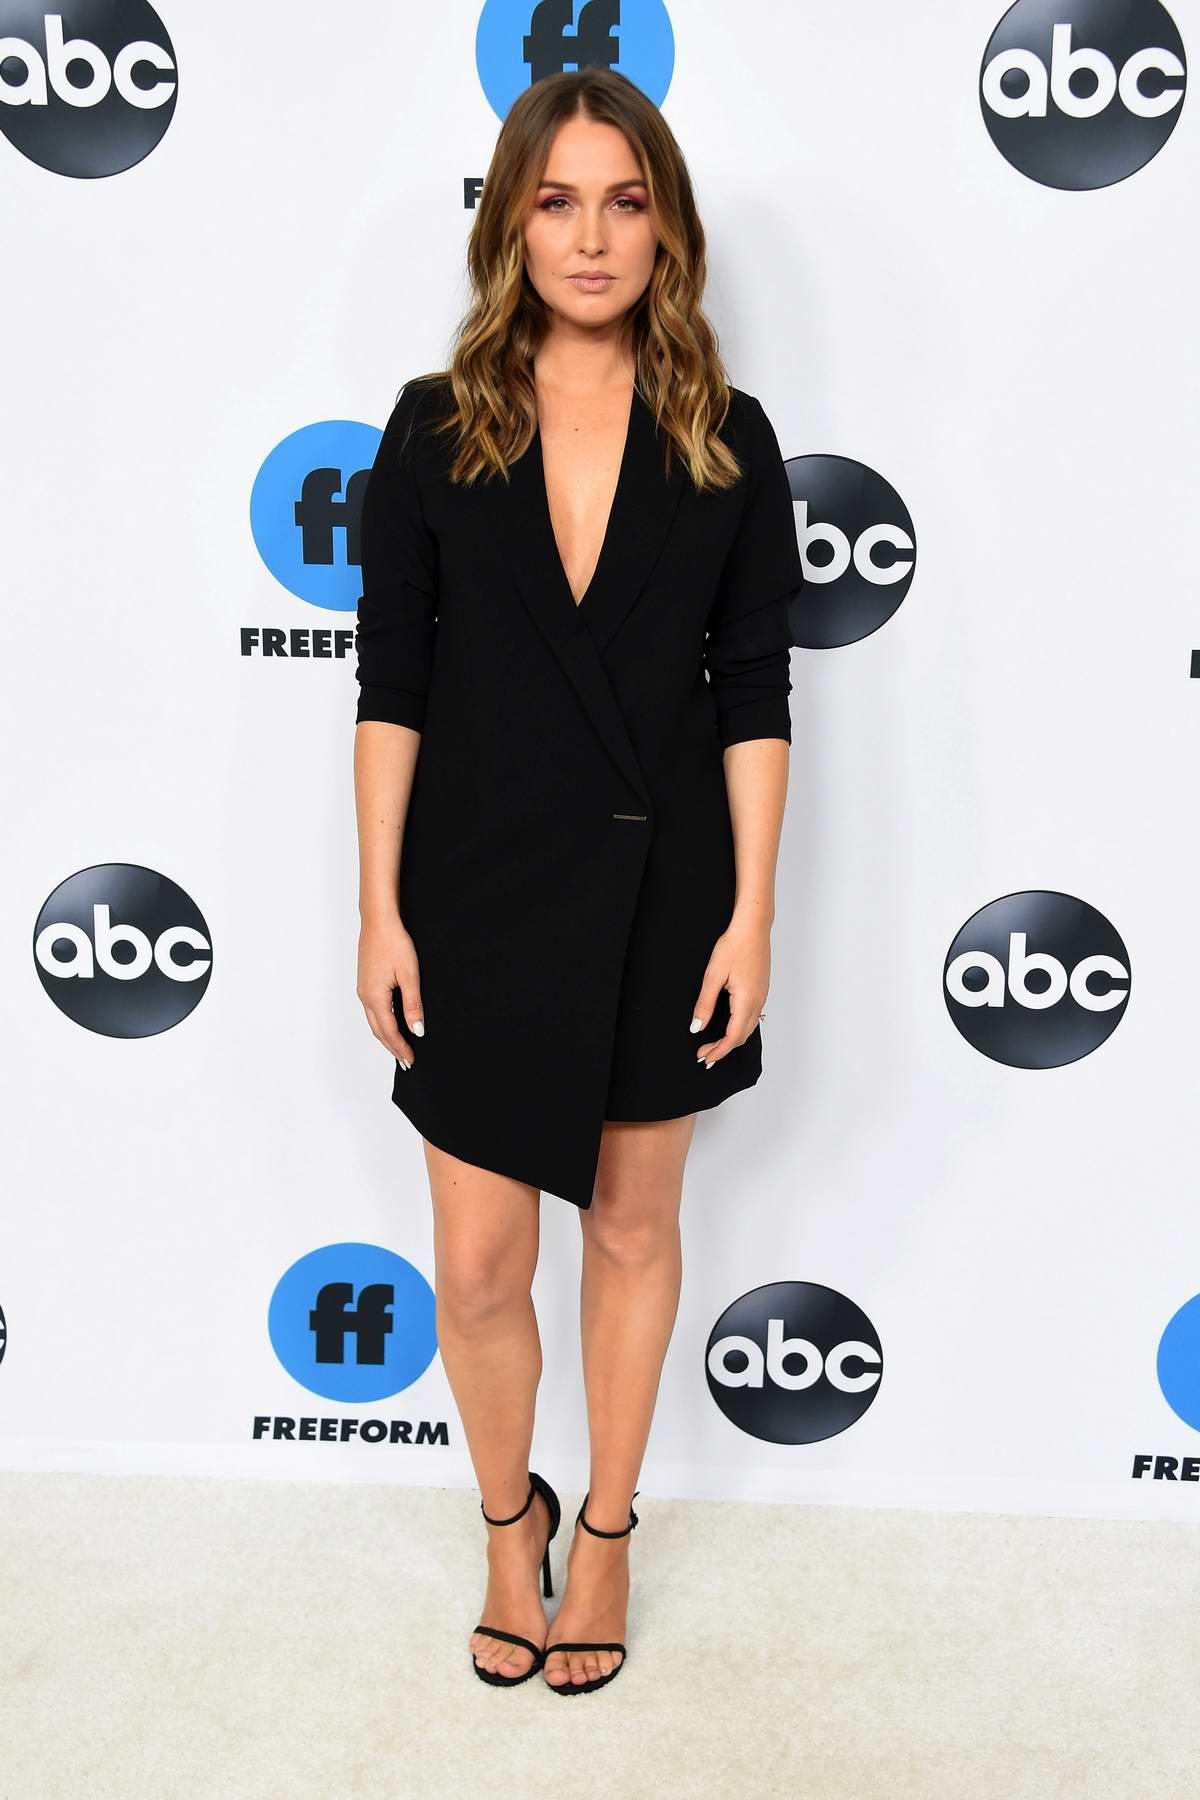 Camilla Luddington attends the Freeform's TCA Winter Press Tour in Los Angeles